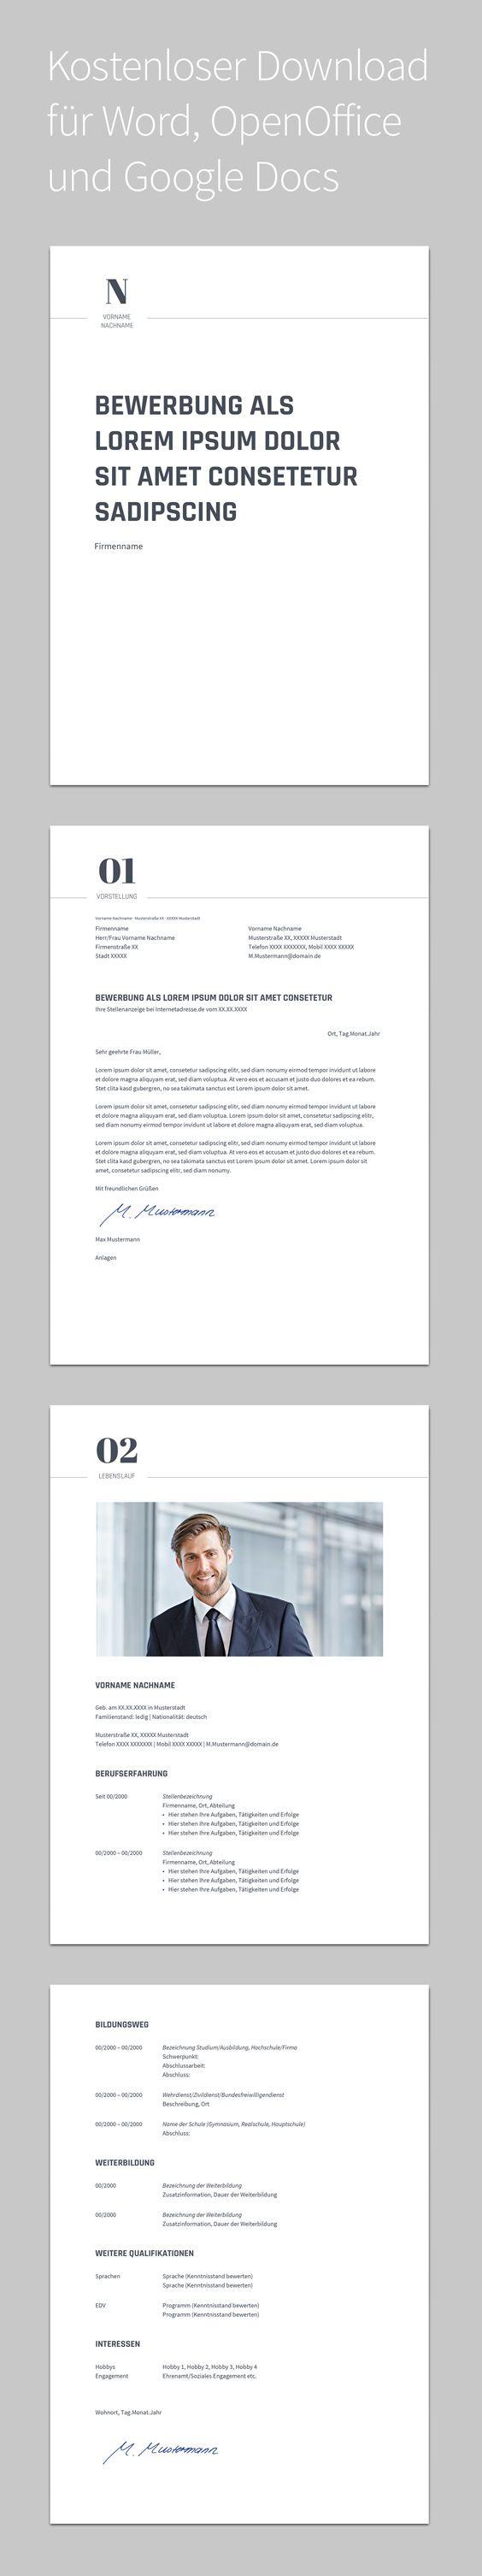 Bewerbung Novus · Design · Vorlage · Schlicht · Kostenloser Download